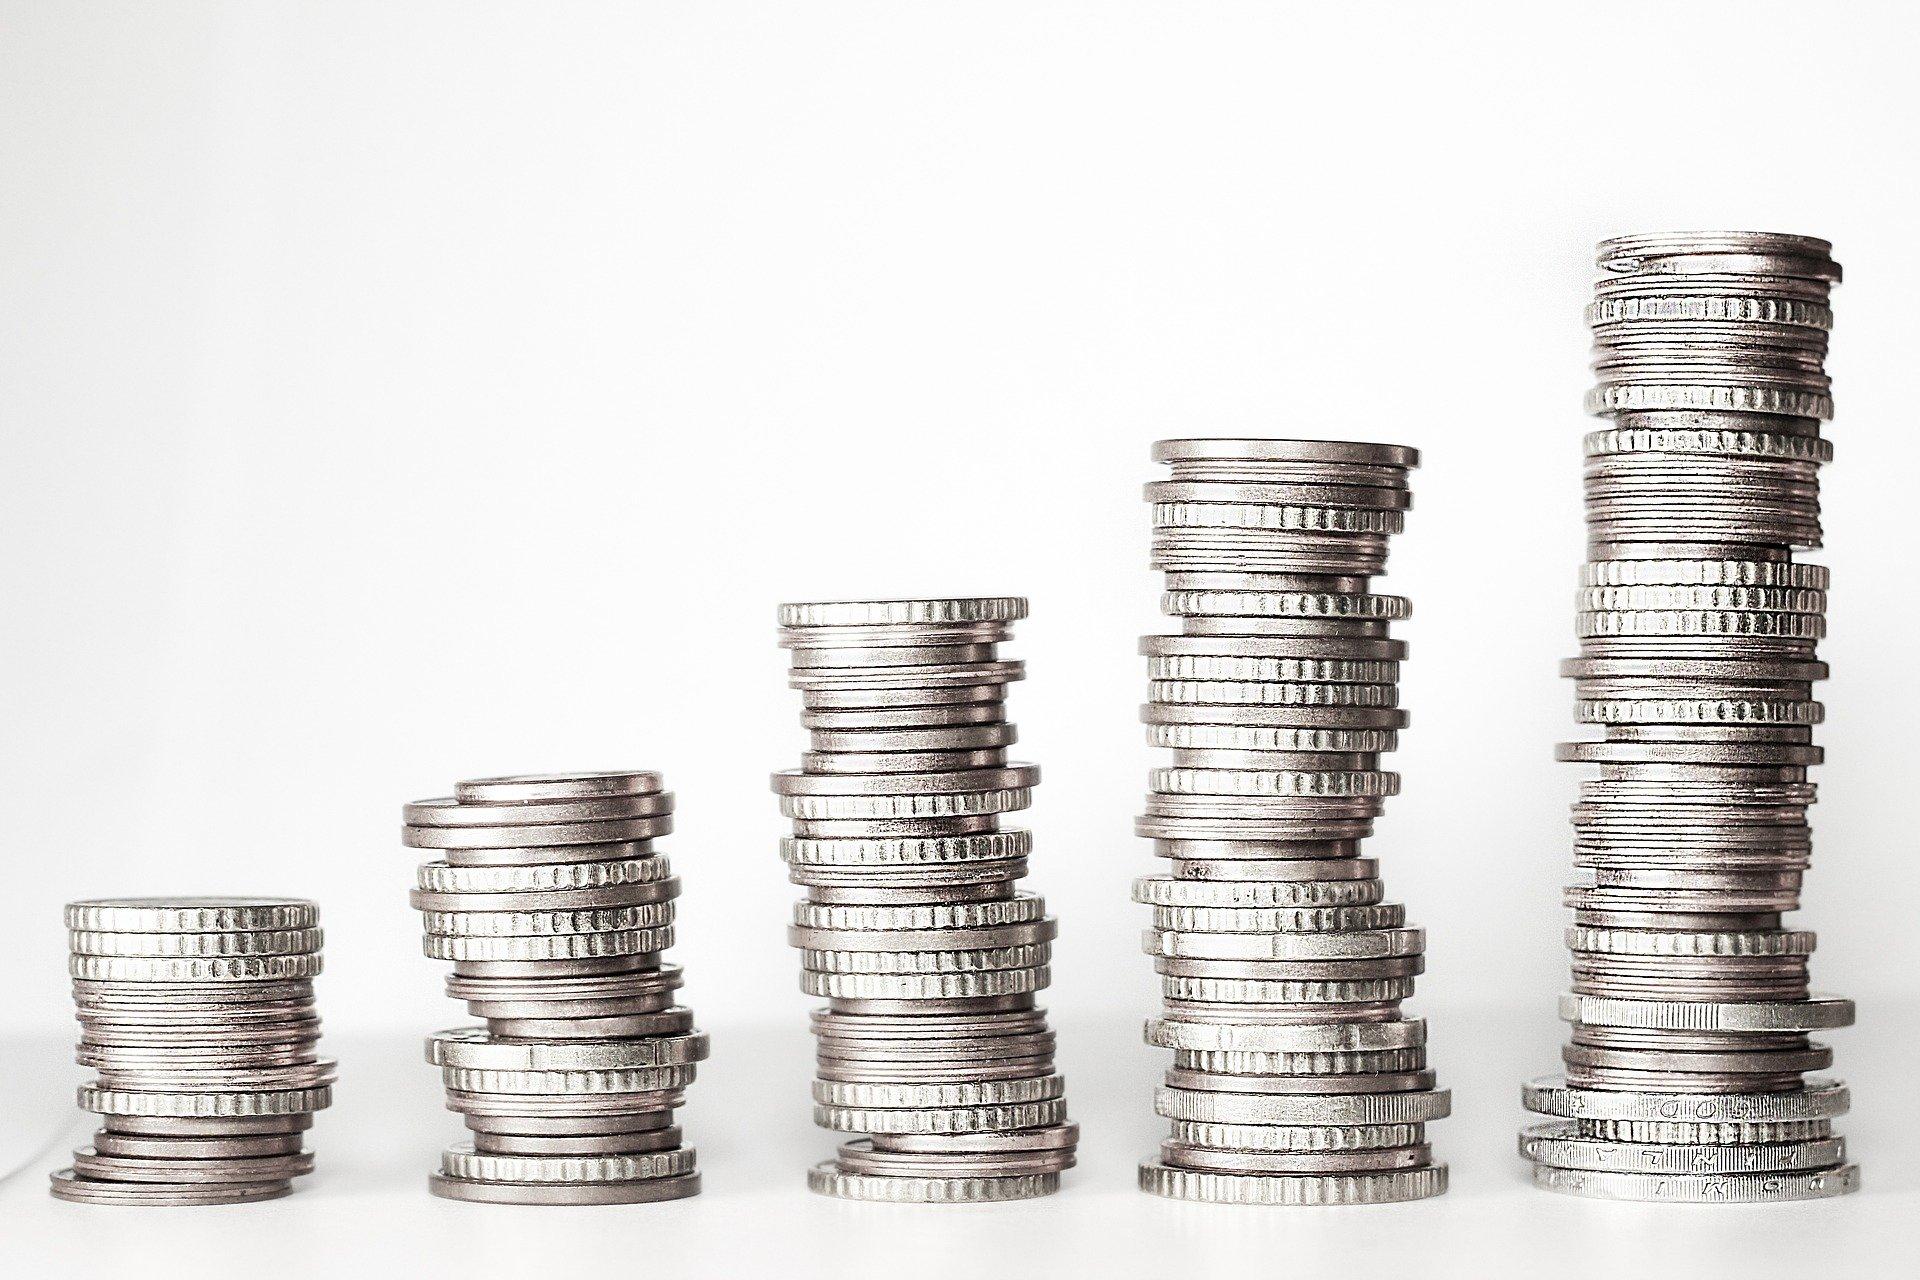 Od nowego roku wzrost płacy minimalnej oraz obowiązek rejestracji umowy o dzieło